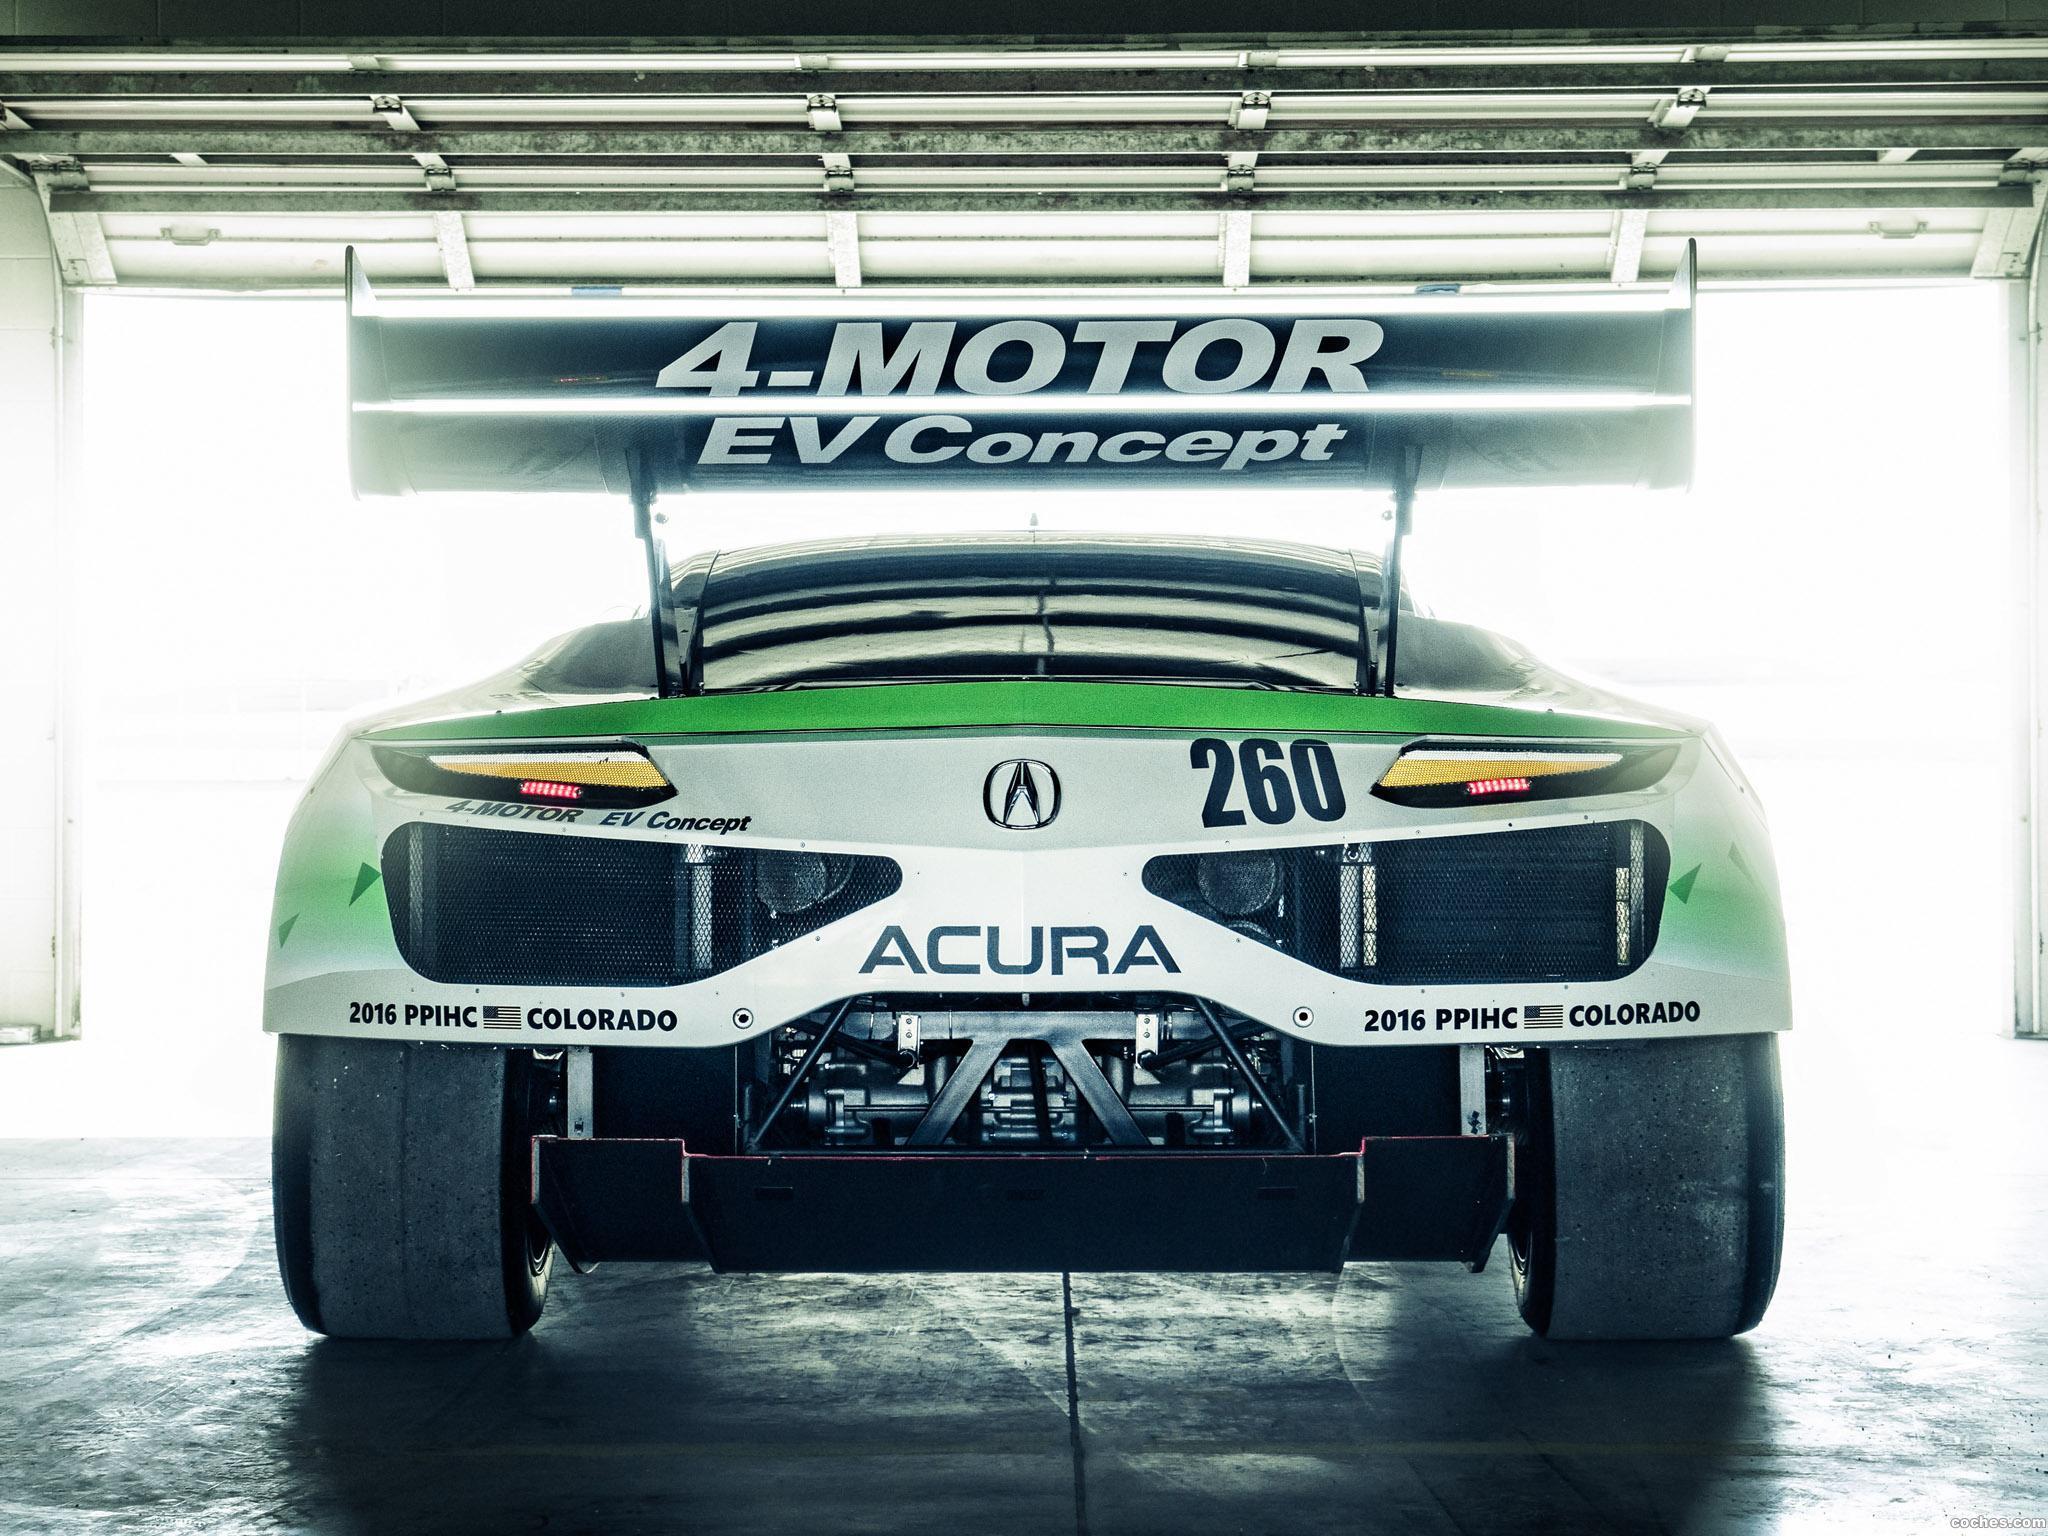 Foto 4 de Acura NSX EV Concept